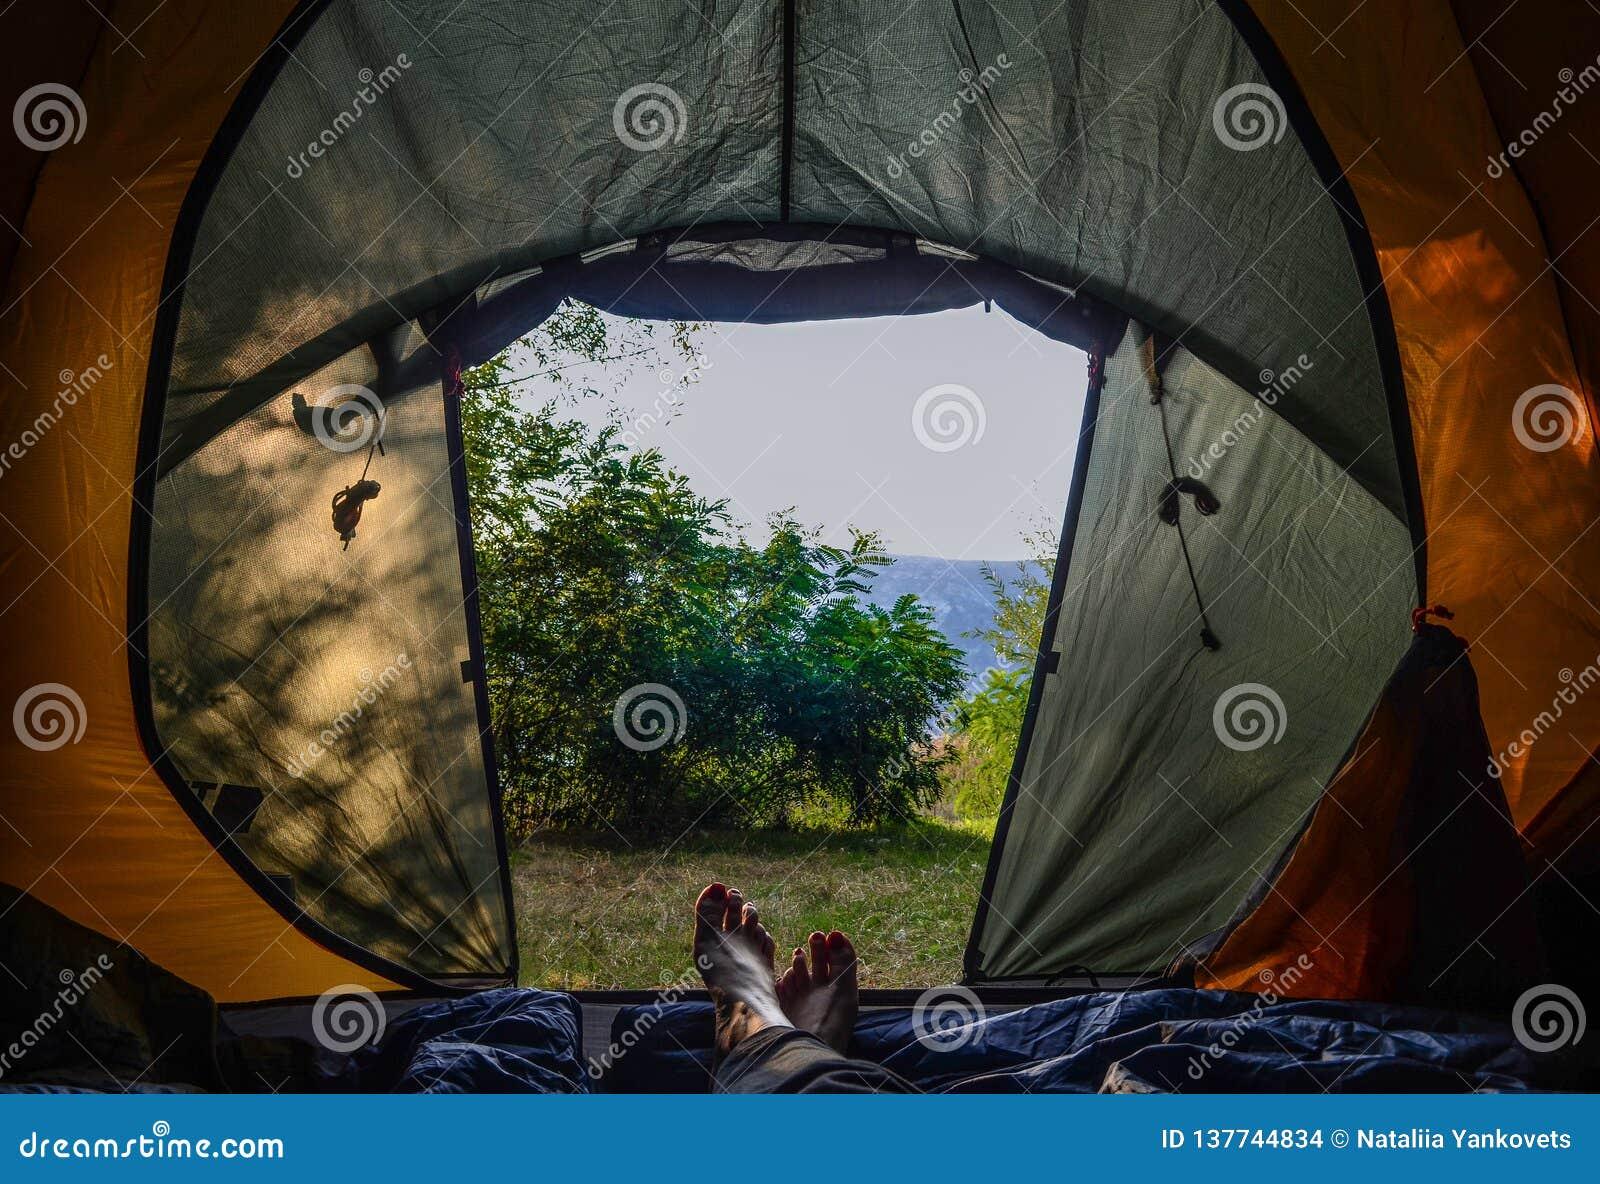 Target39_1_ Ranek w namiocie Kobiet nogi w zielonym namiocie